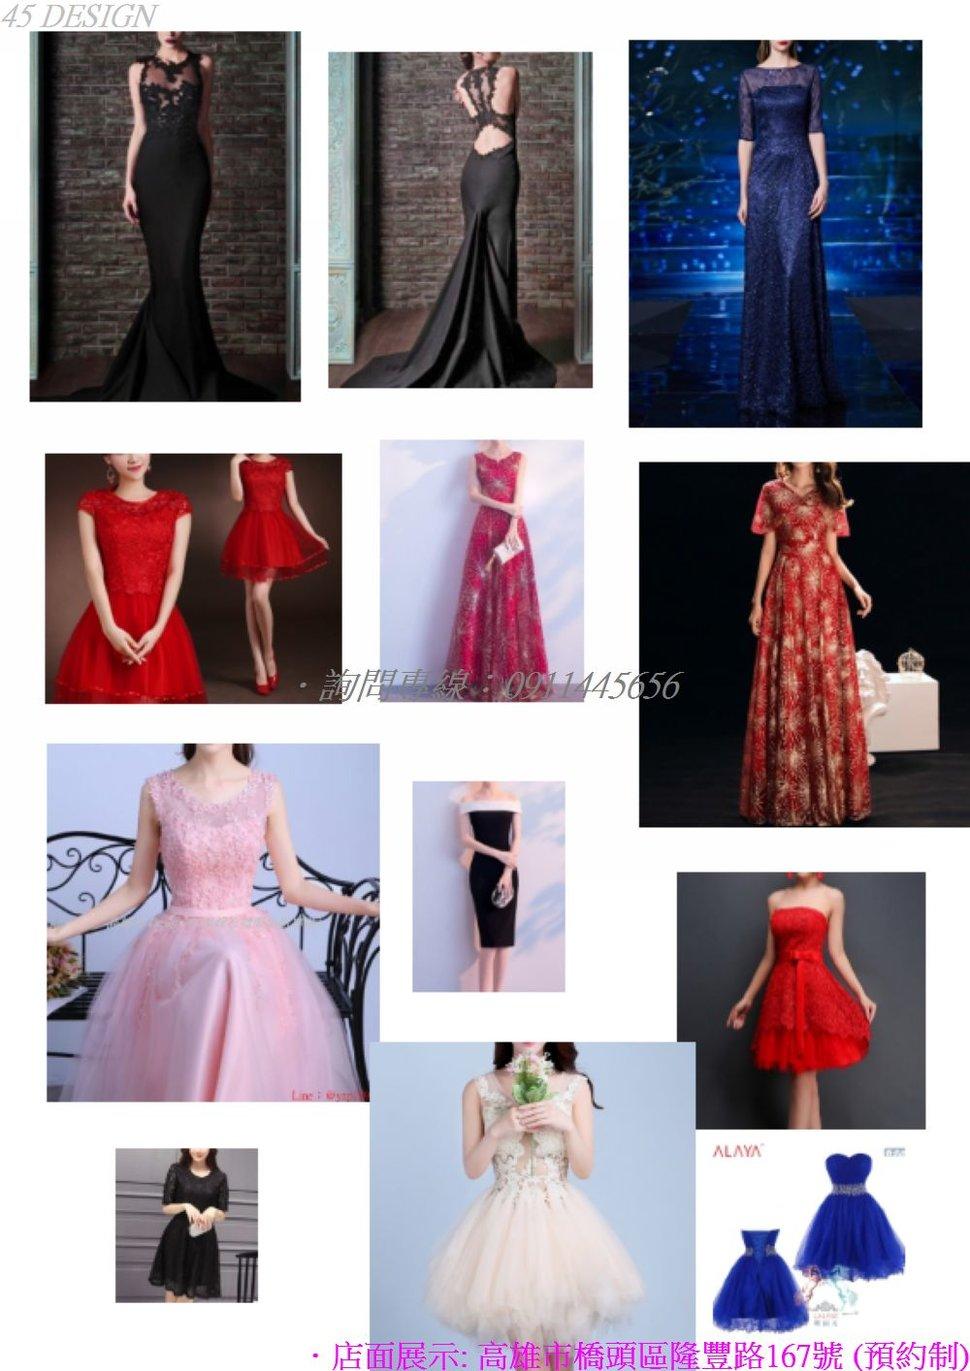 msl19081545311A0B123745119F6E2ECDE62C94EA - 全台最便宜-45DESIGN四五婚紗禮服《結婚吧》